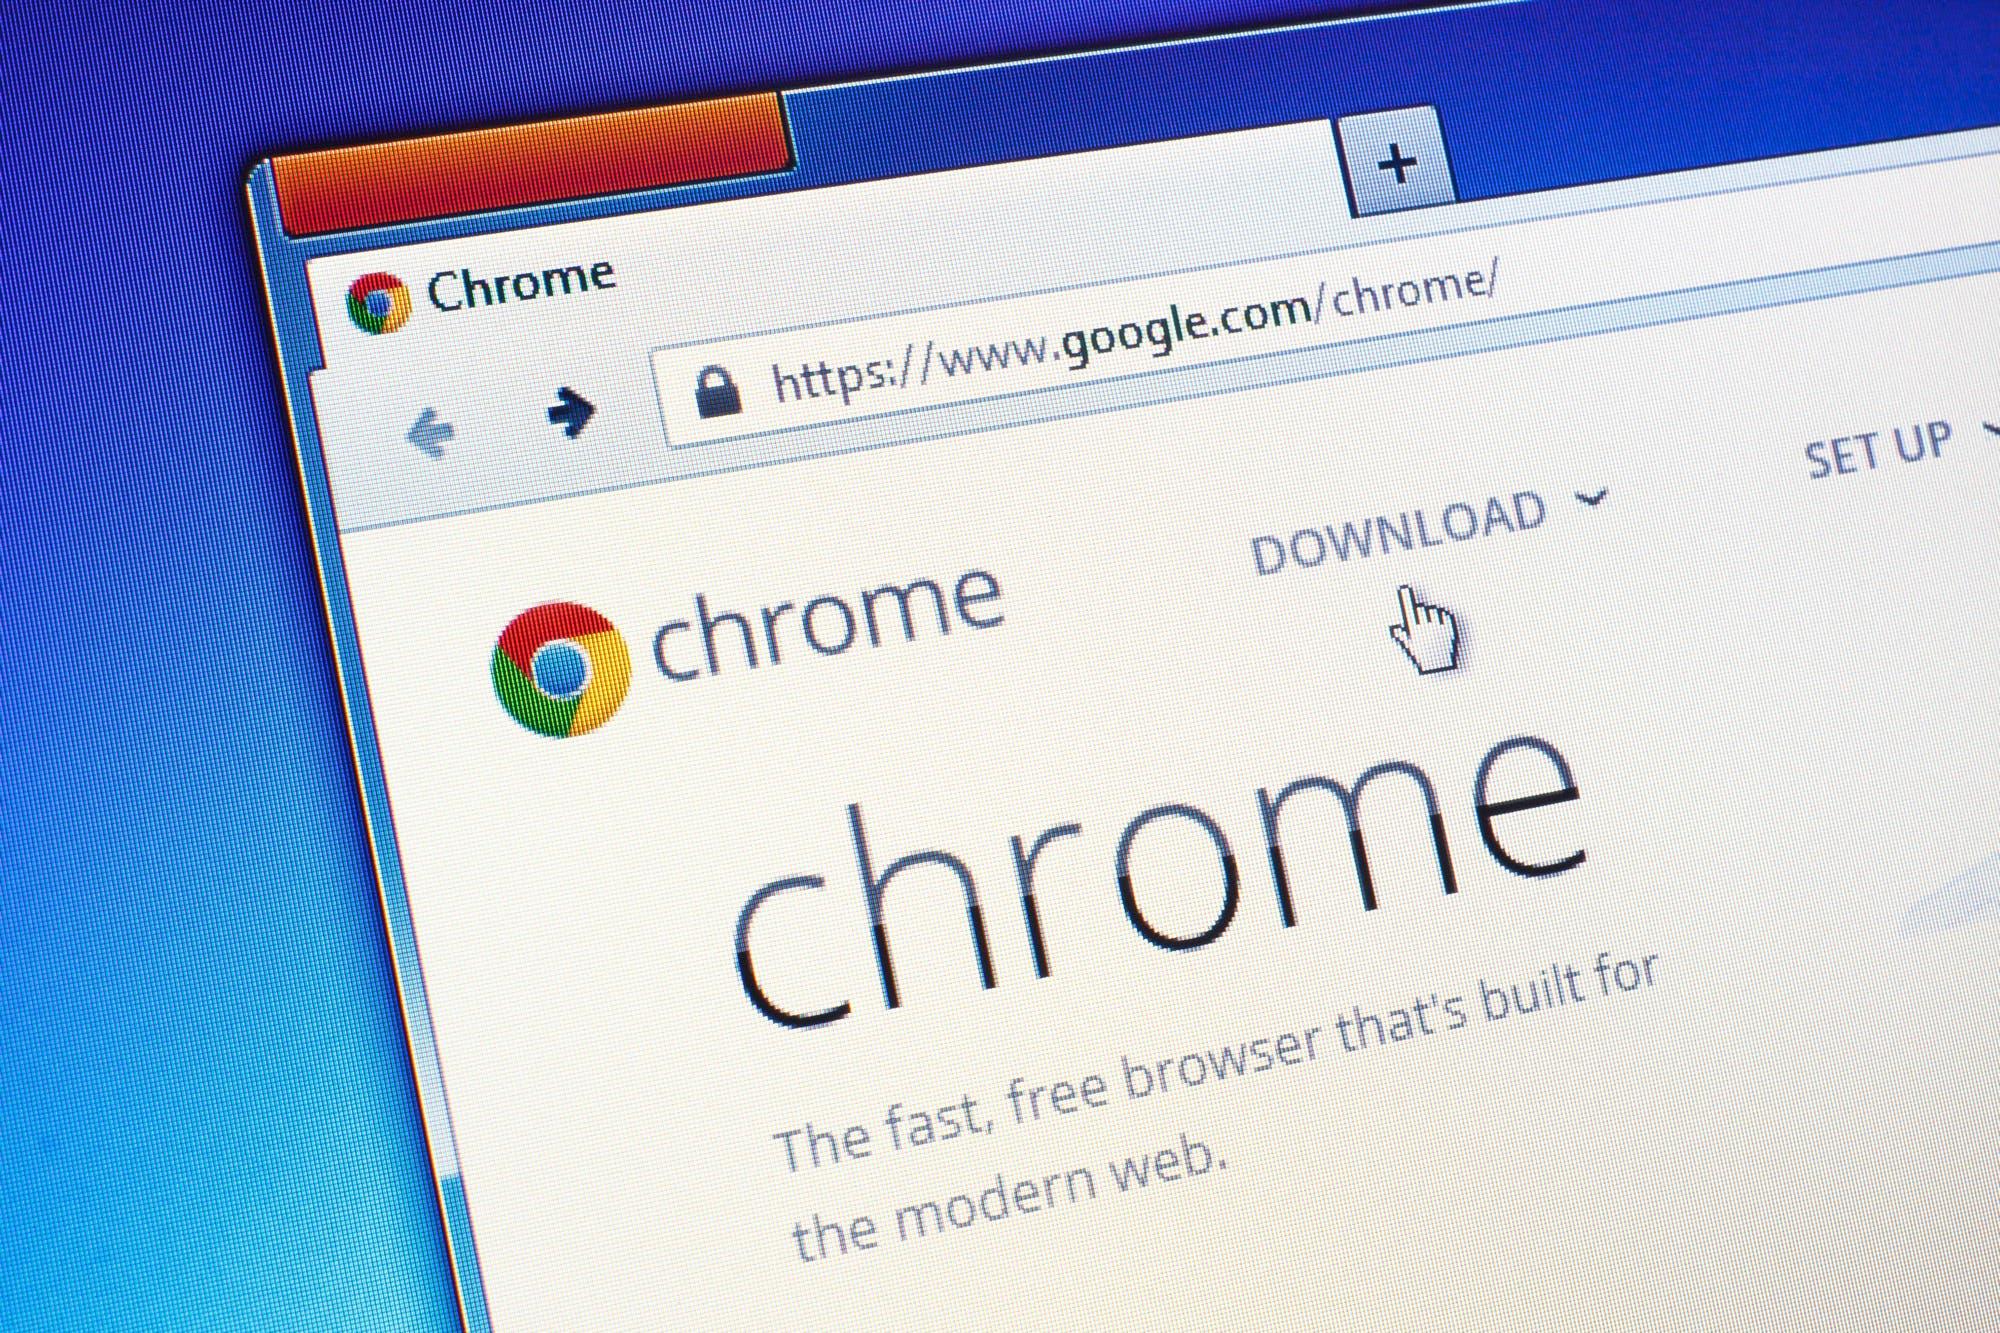 Microsoft asegura que Google Chrome consumirá menos RAM gracias a las mejoras en Windows 10